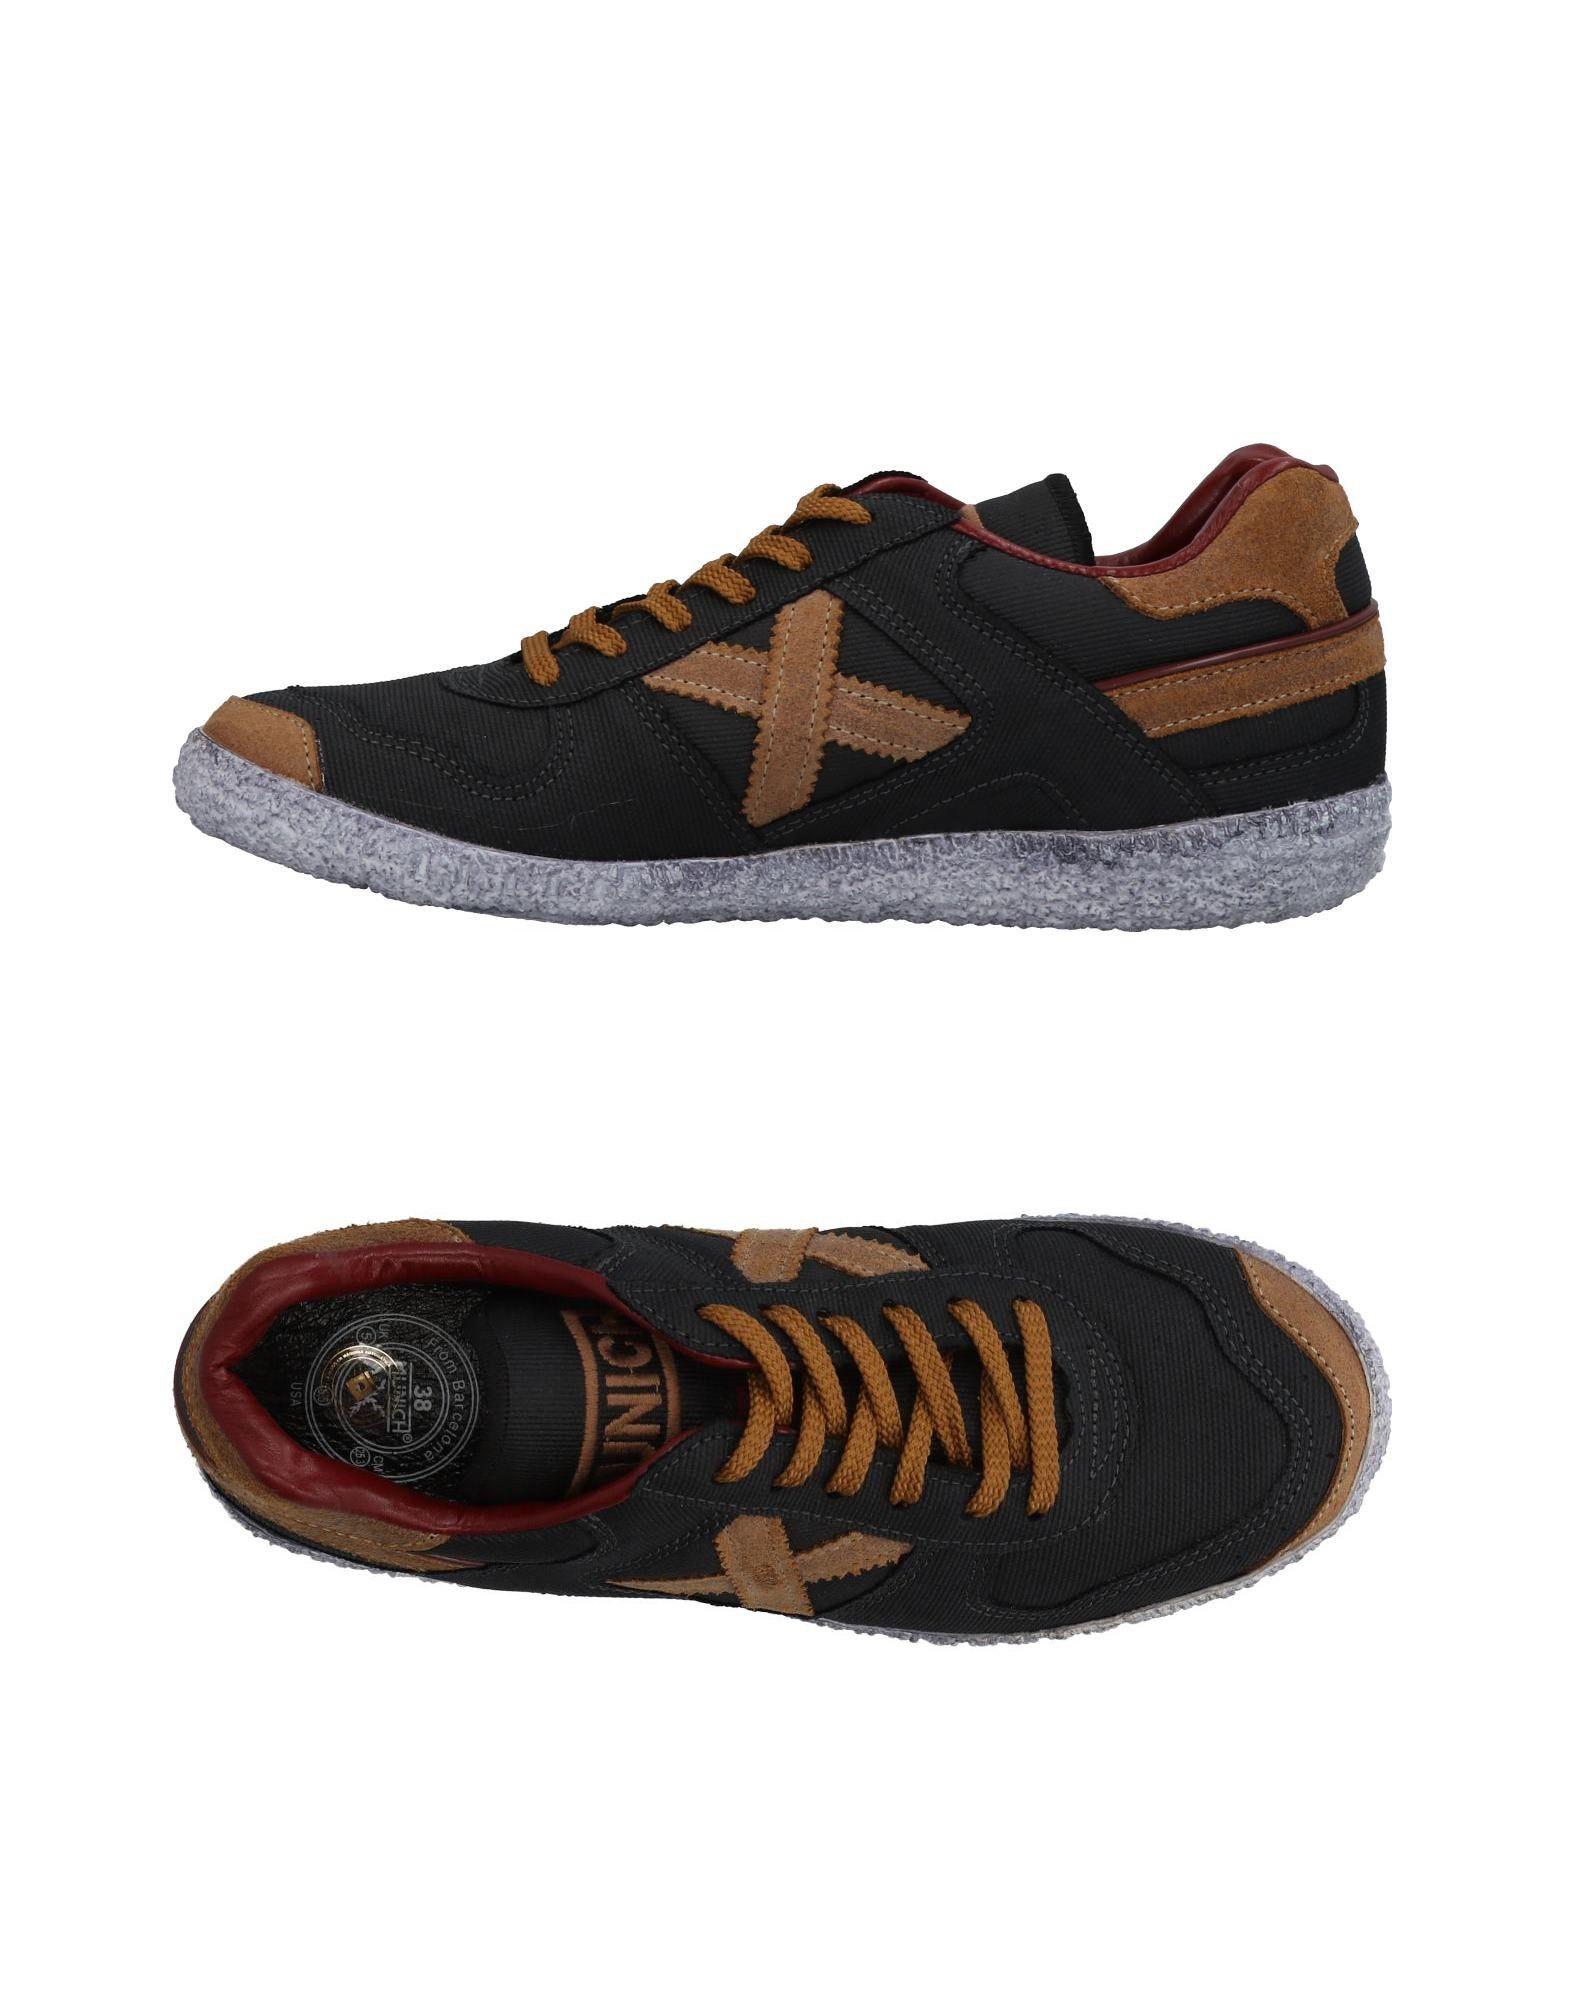 Munich Munich  Sneakers Damen  11413096TX b9261c